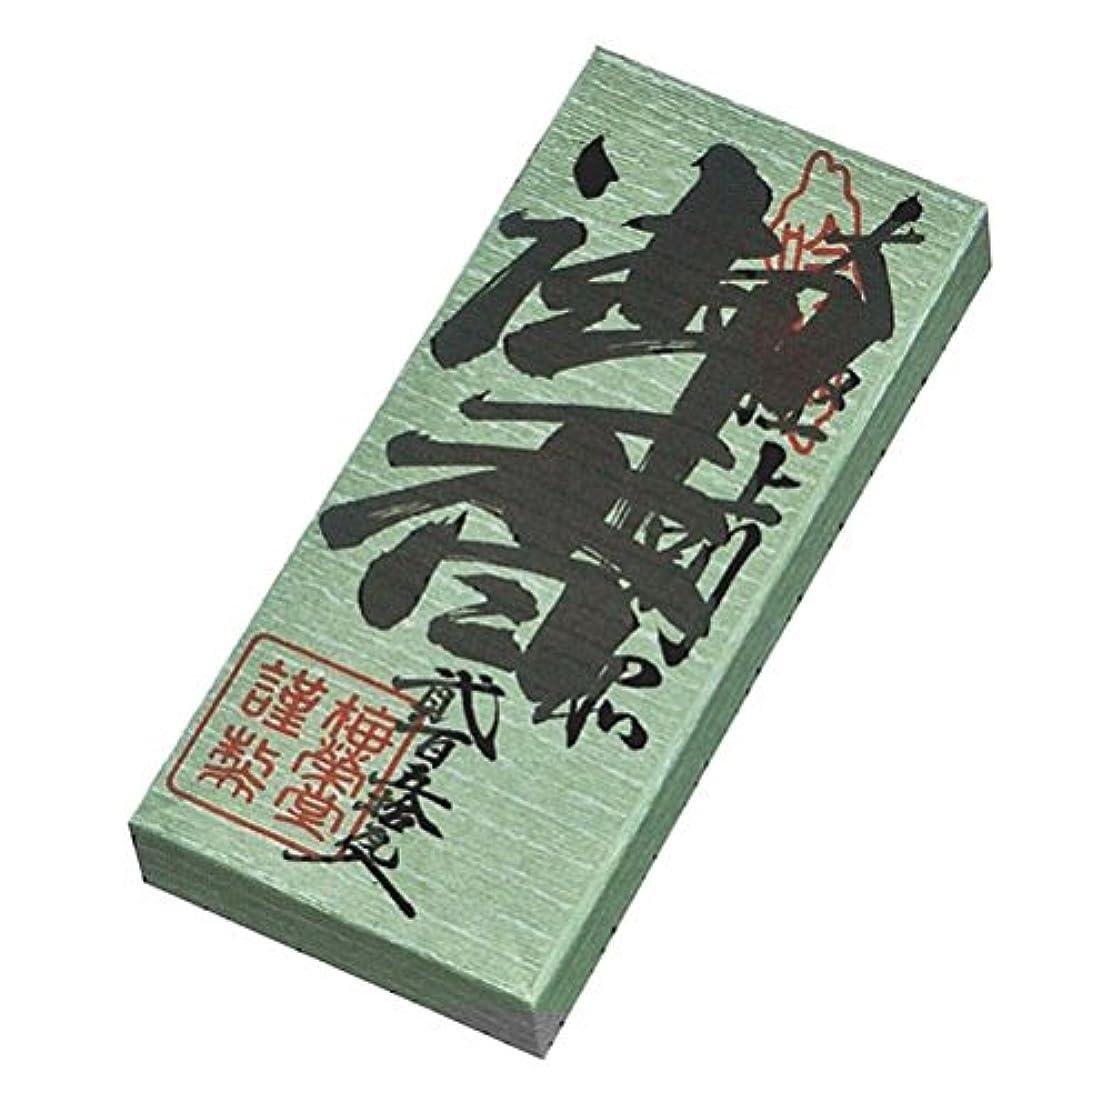 数学者人気の進化する蘭麝印 250g 紙箱入り お焼香 梅栄堂